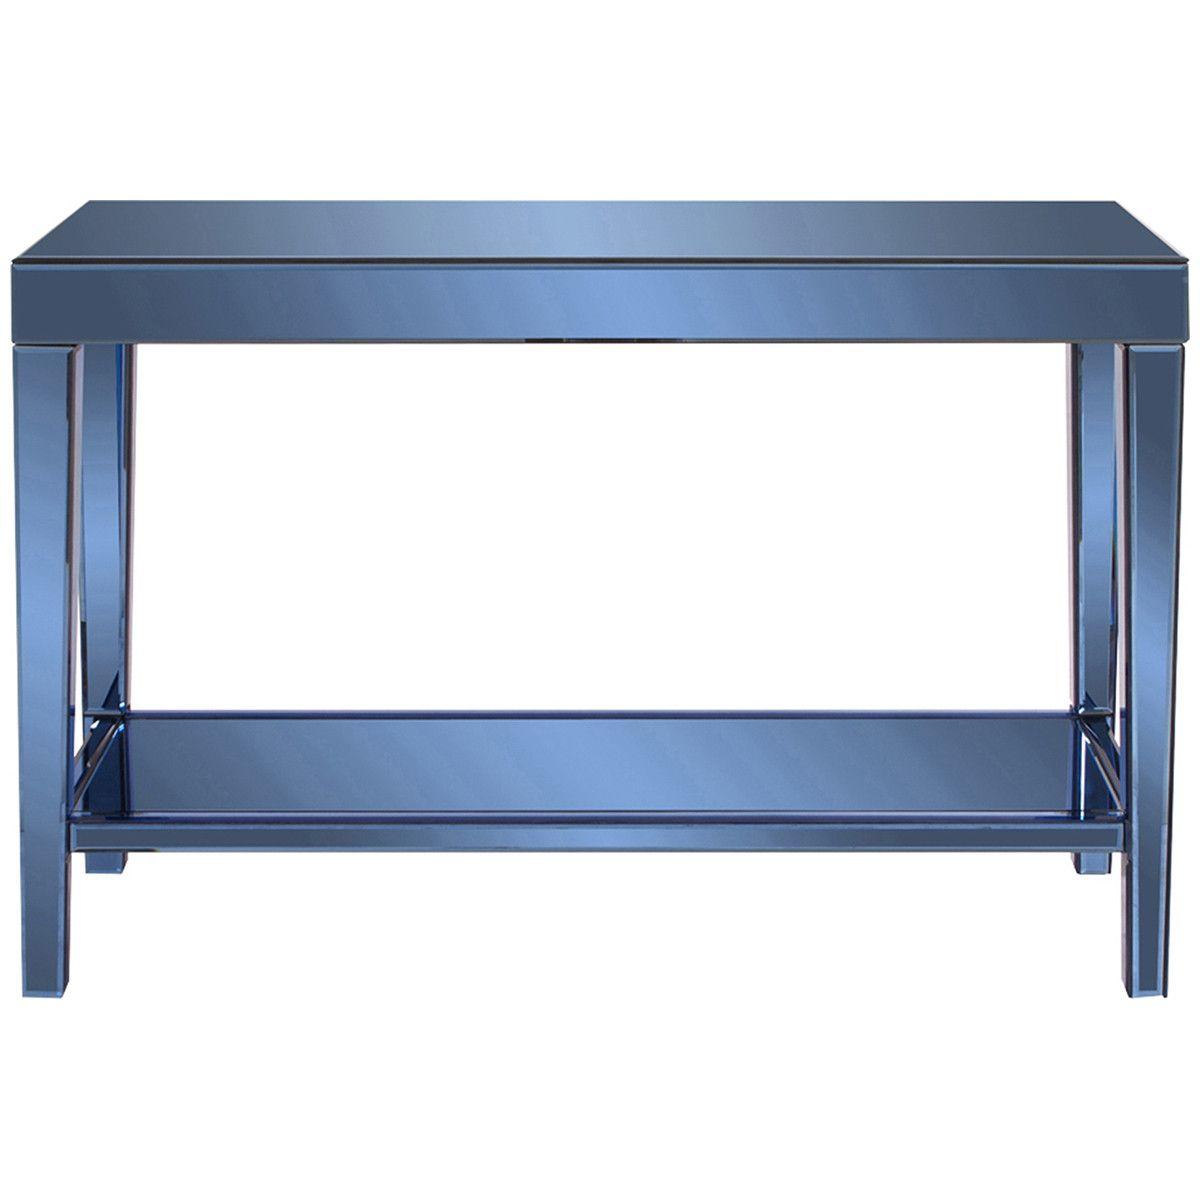 Howard elliott dorset cobalt blue mirrored console table dining howard elliott dorset cobalt blue mirrored console table geotapseo Image collections